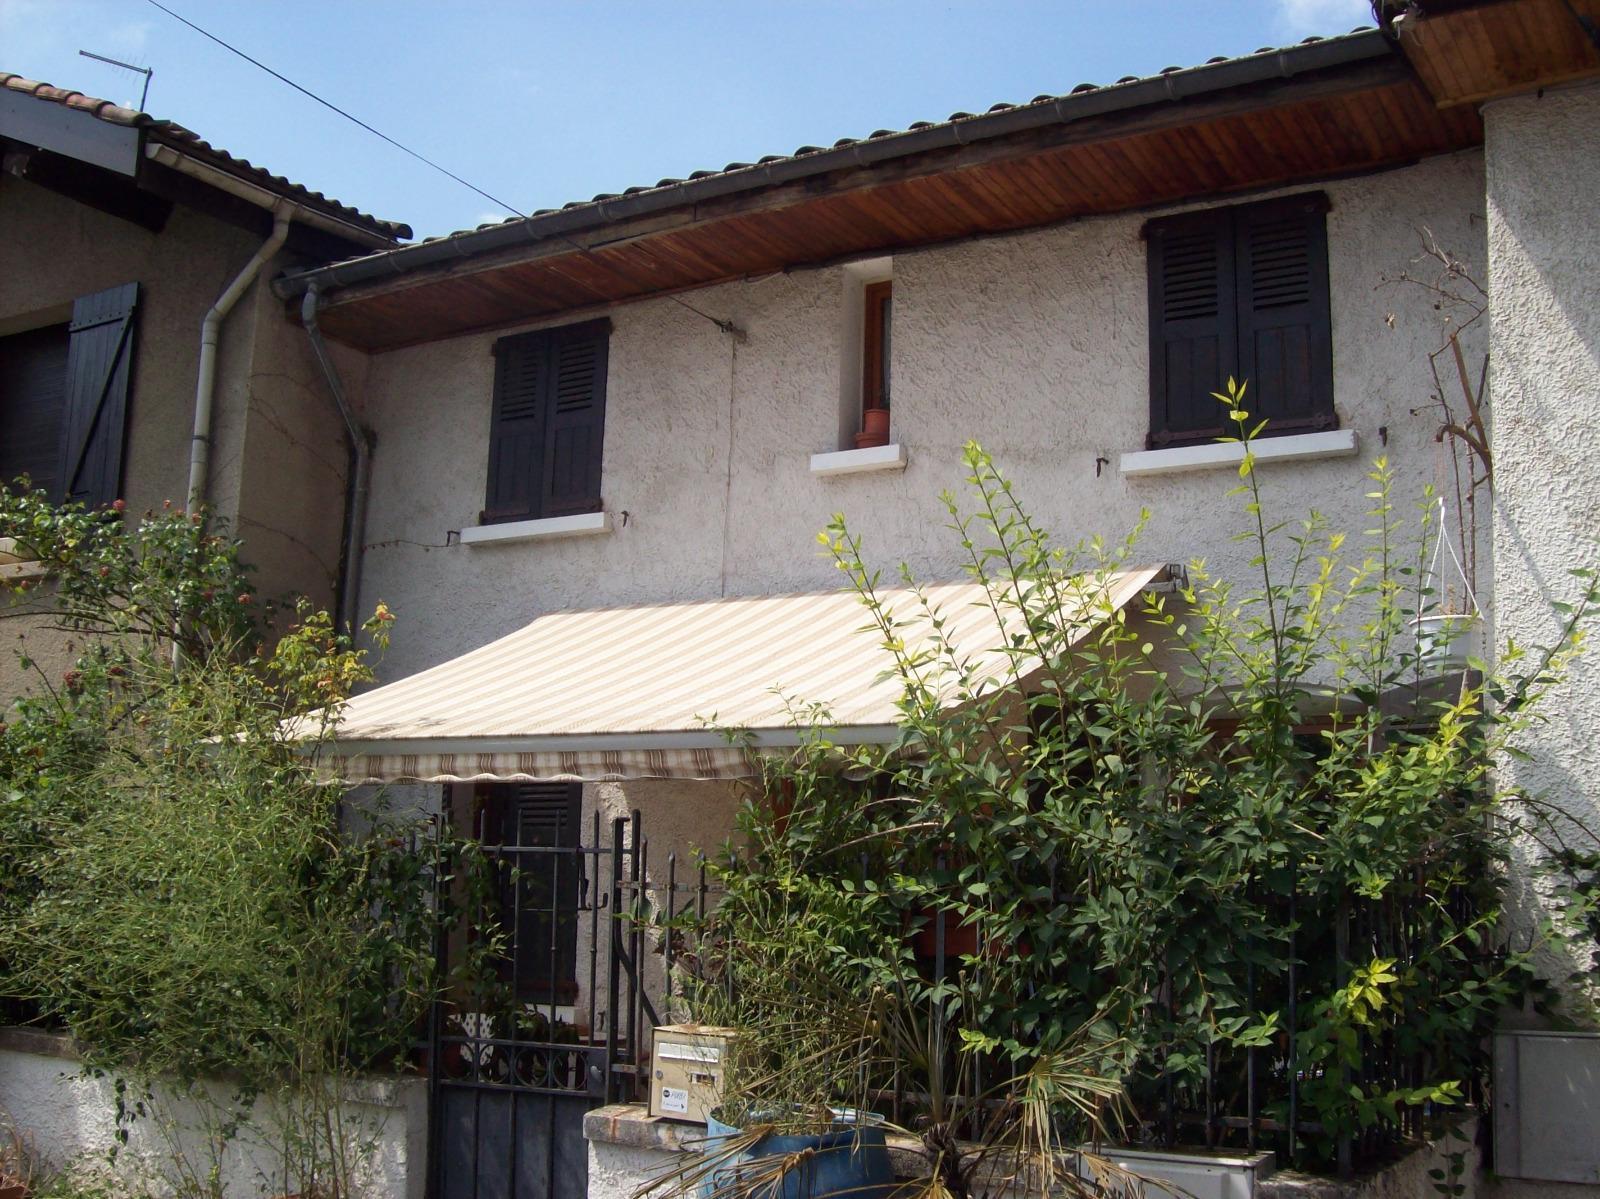 Location t4 saint egreve maison - Piscine st egreve ...